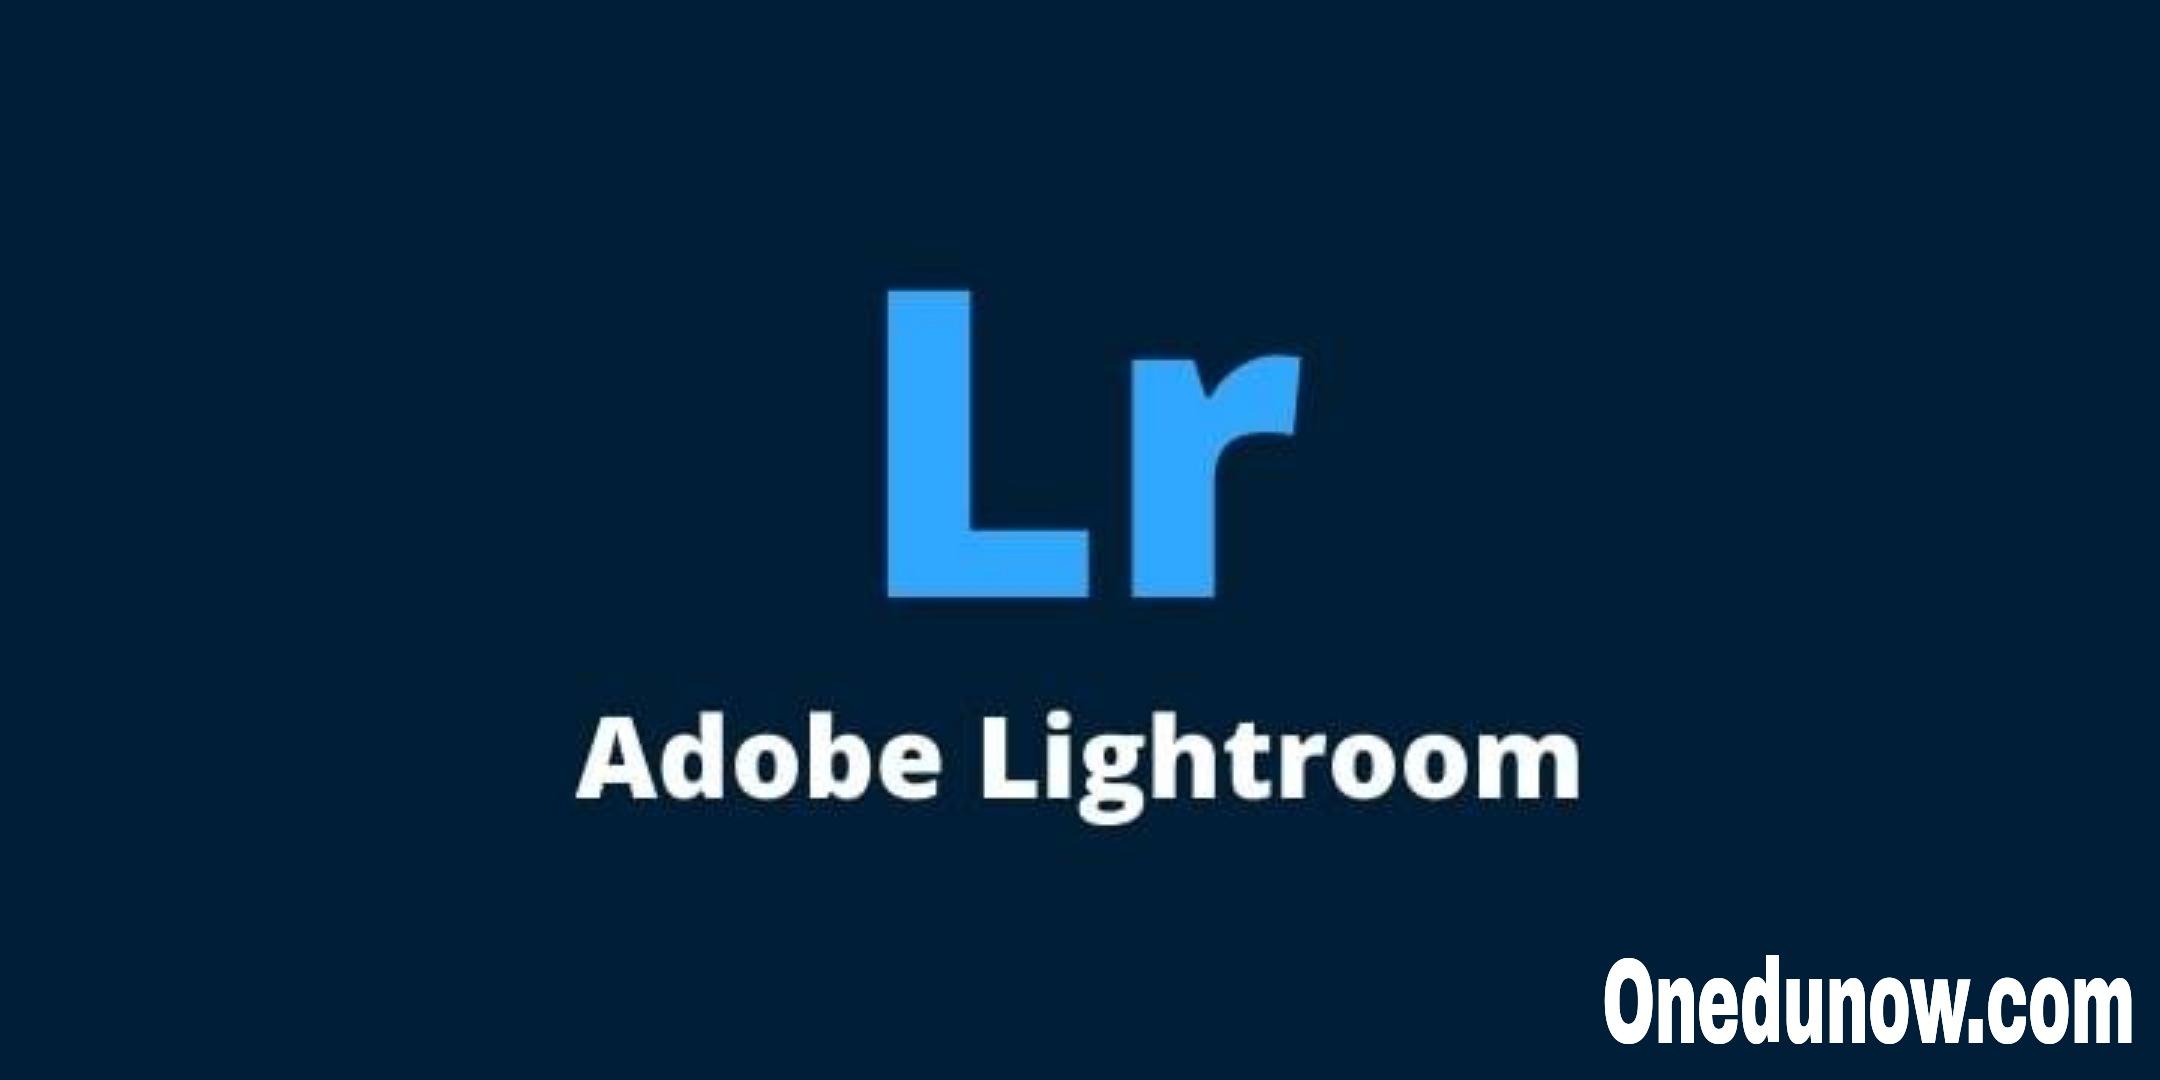 Lightroom Mod APK V6.4.0 (Premium Unlocked) Download